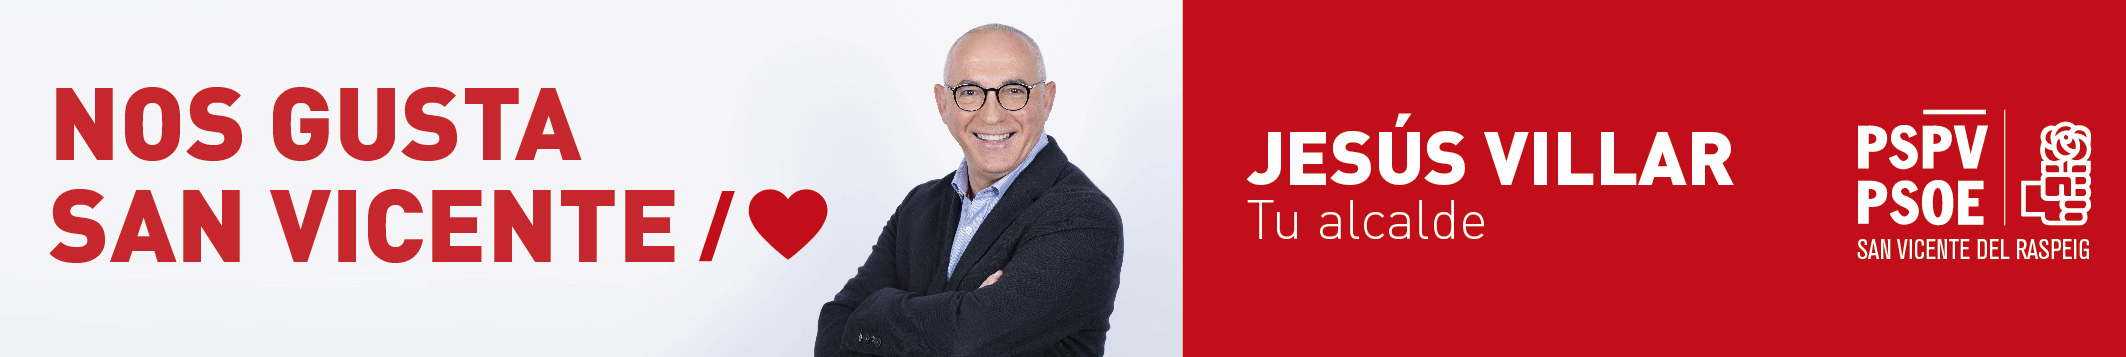 Jesús Villar - Candidato a la Alcaldía PSOE